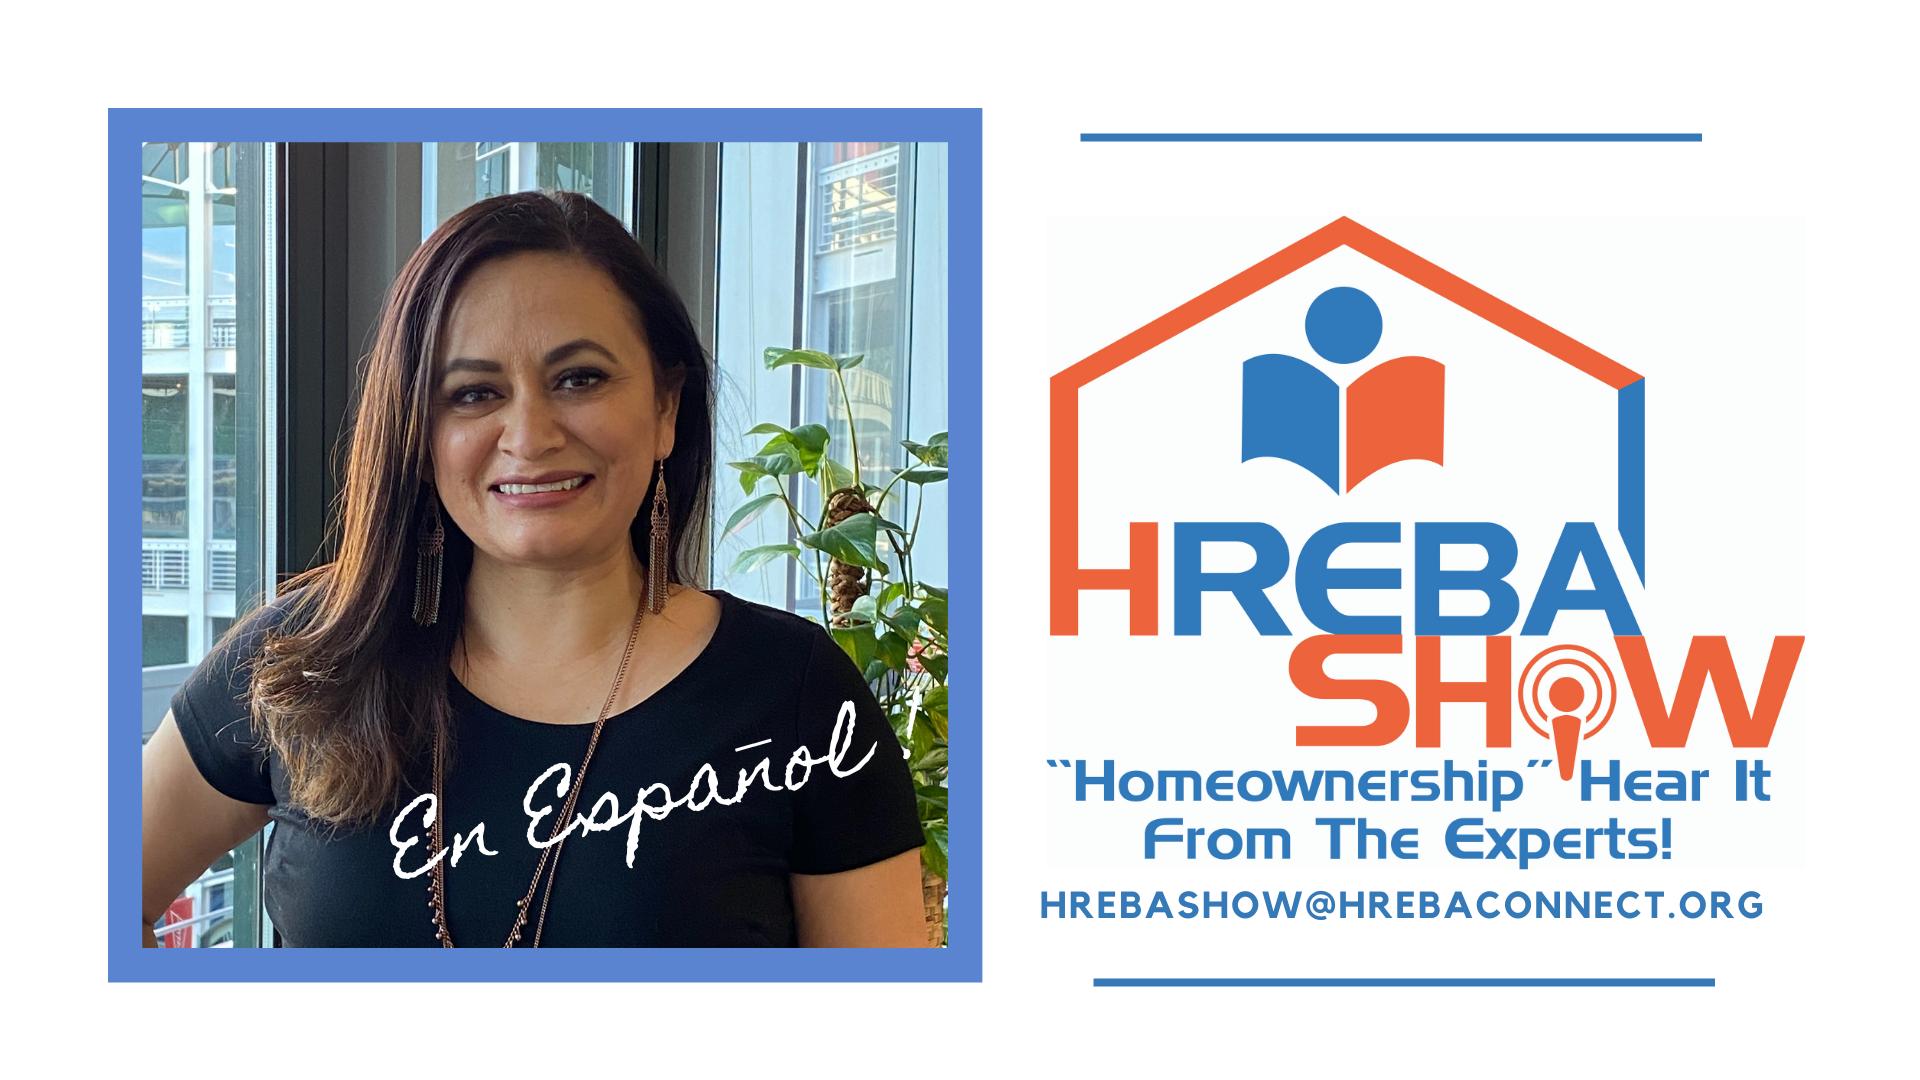 HREBA Show En Español